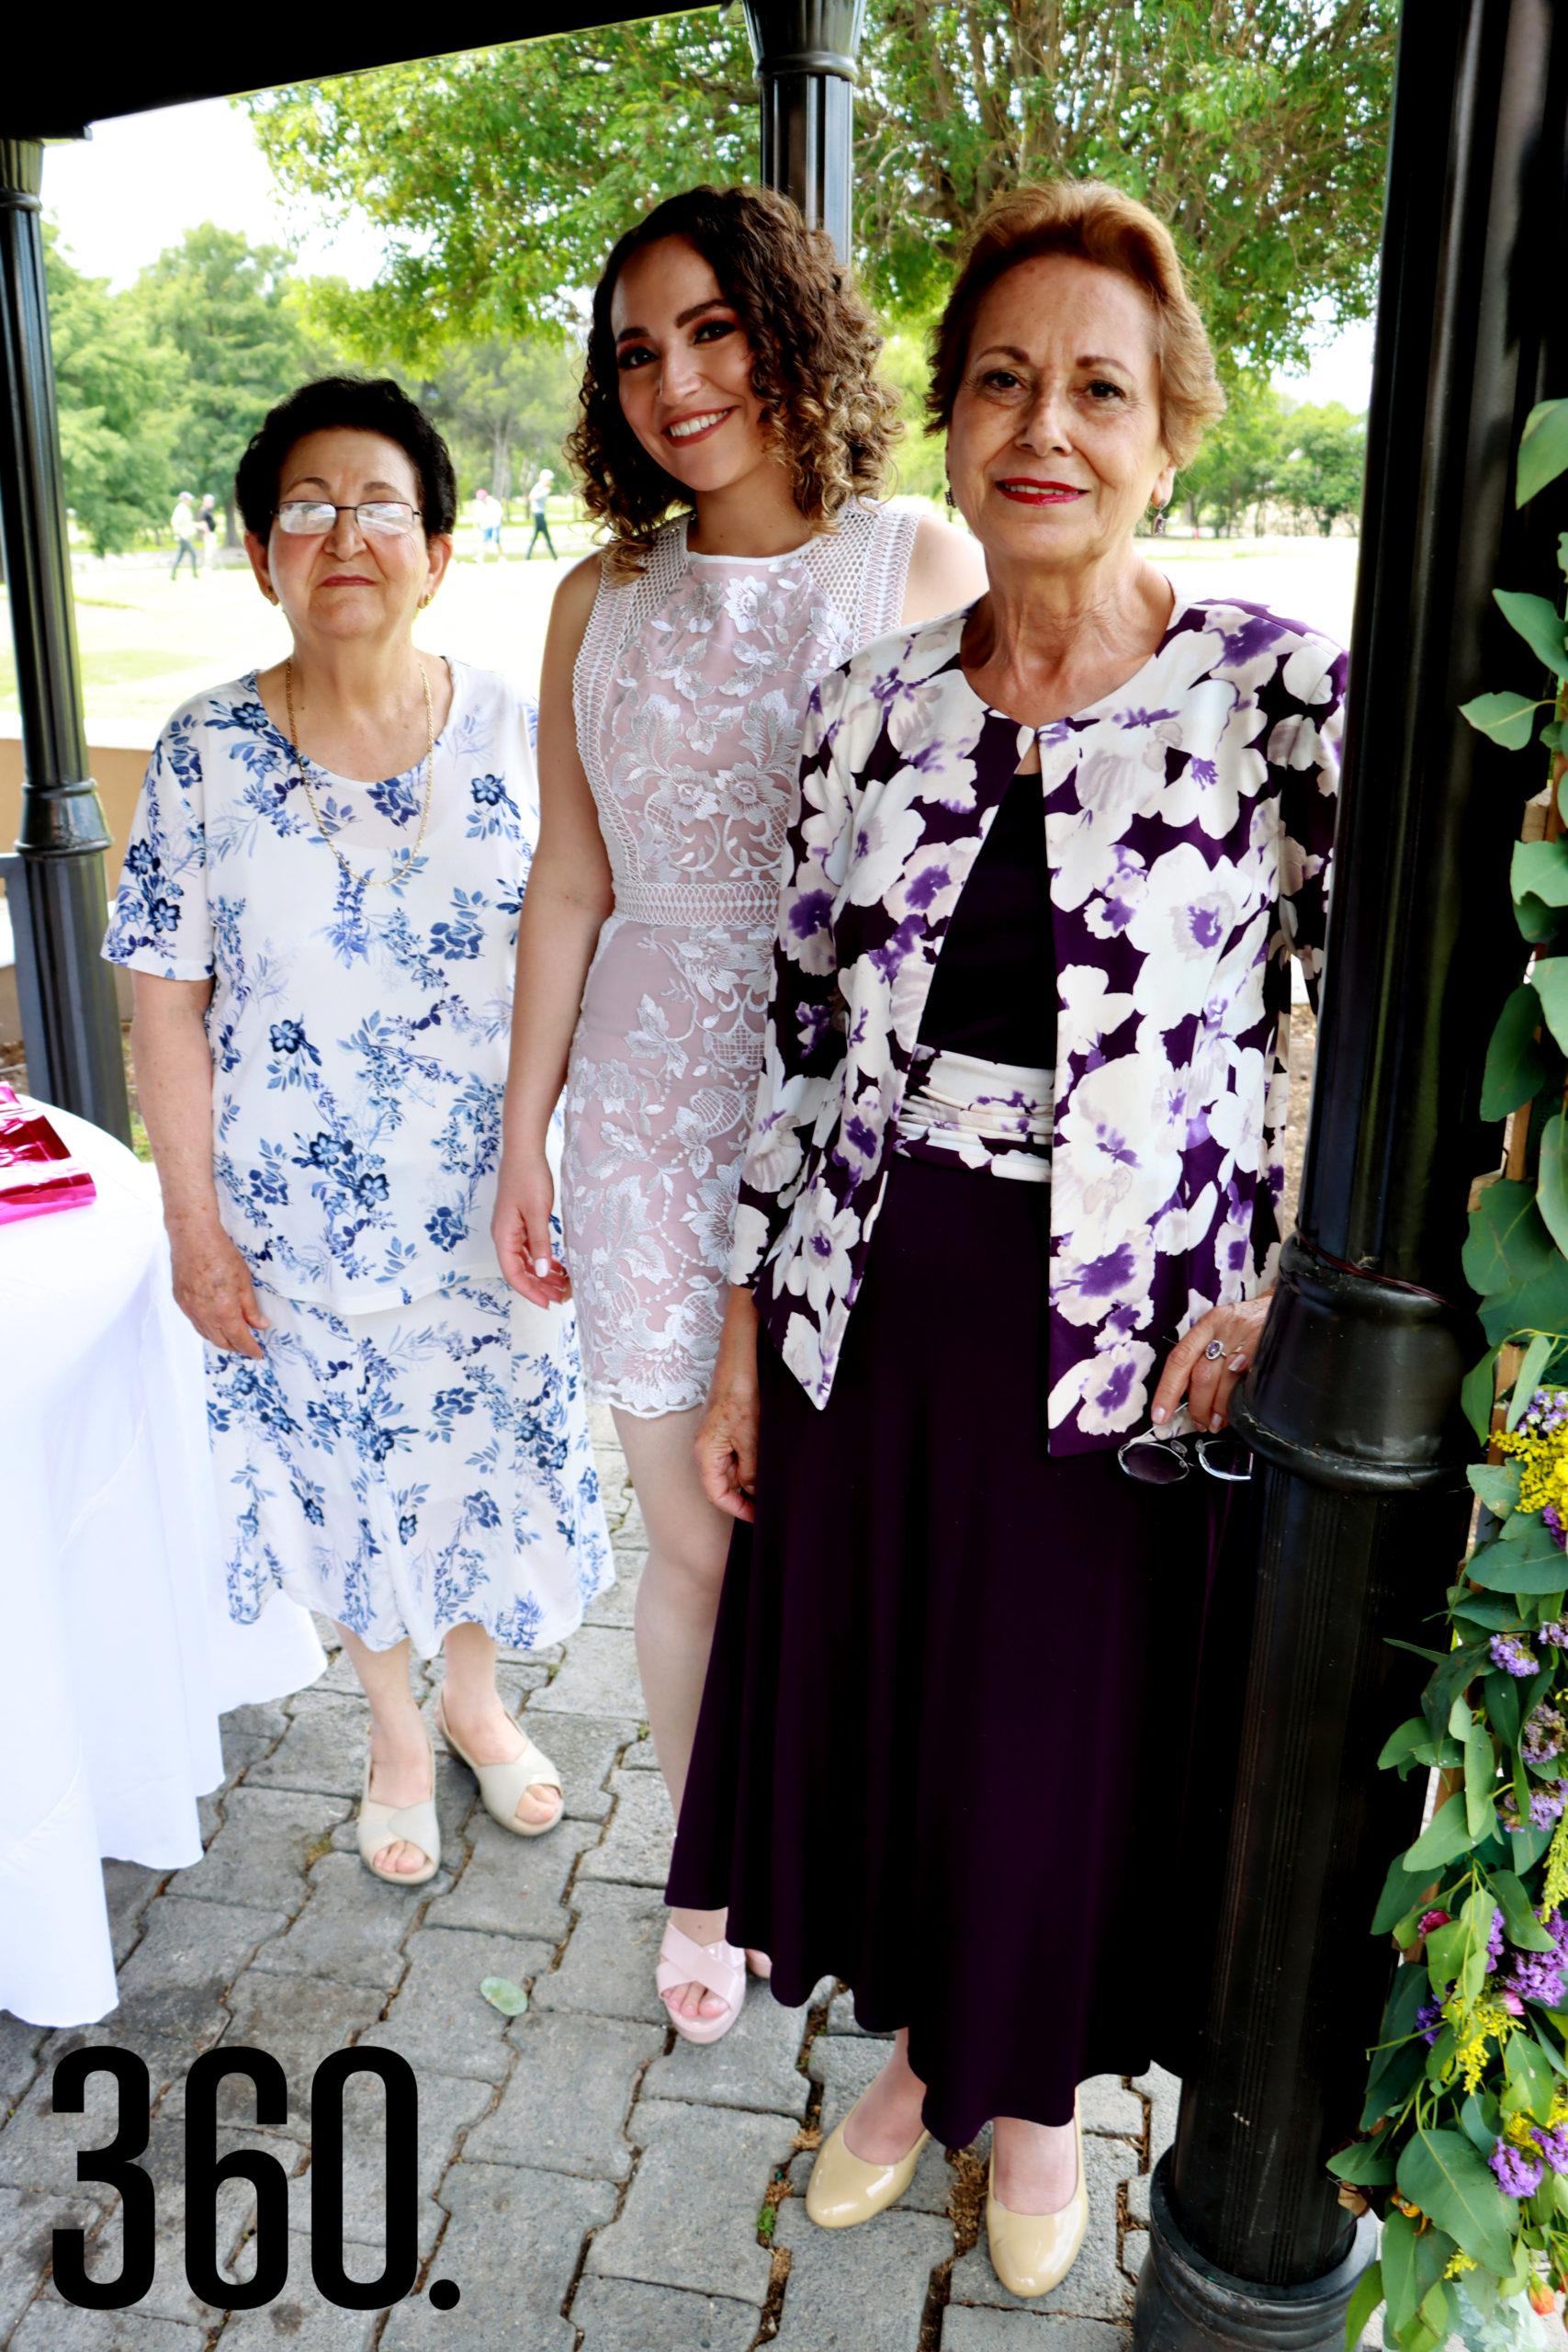 María Luisa Abugarade y Emilia Talamás de Romero felicitaron a su nieta Ana Cecilia.